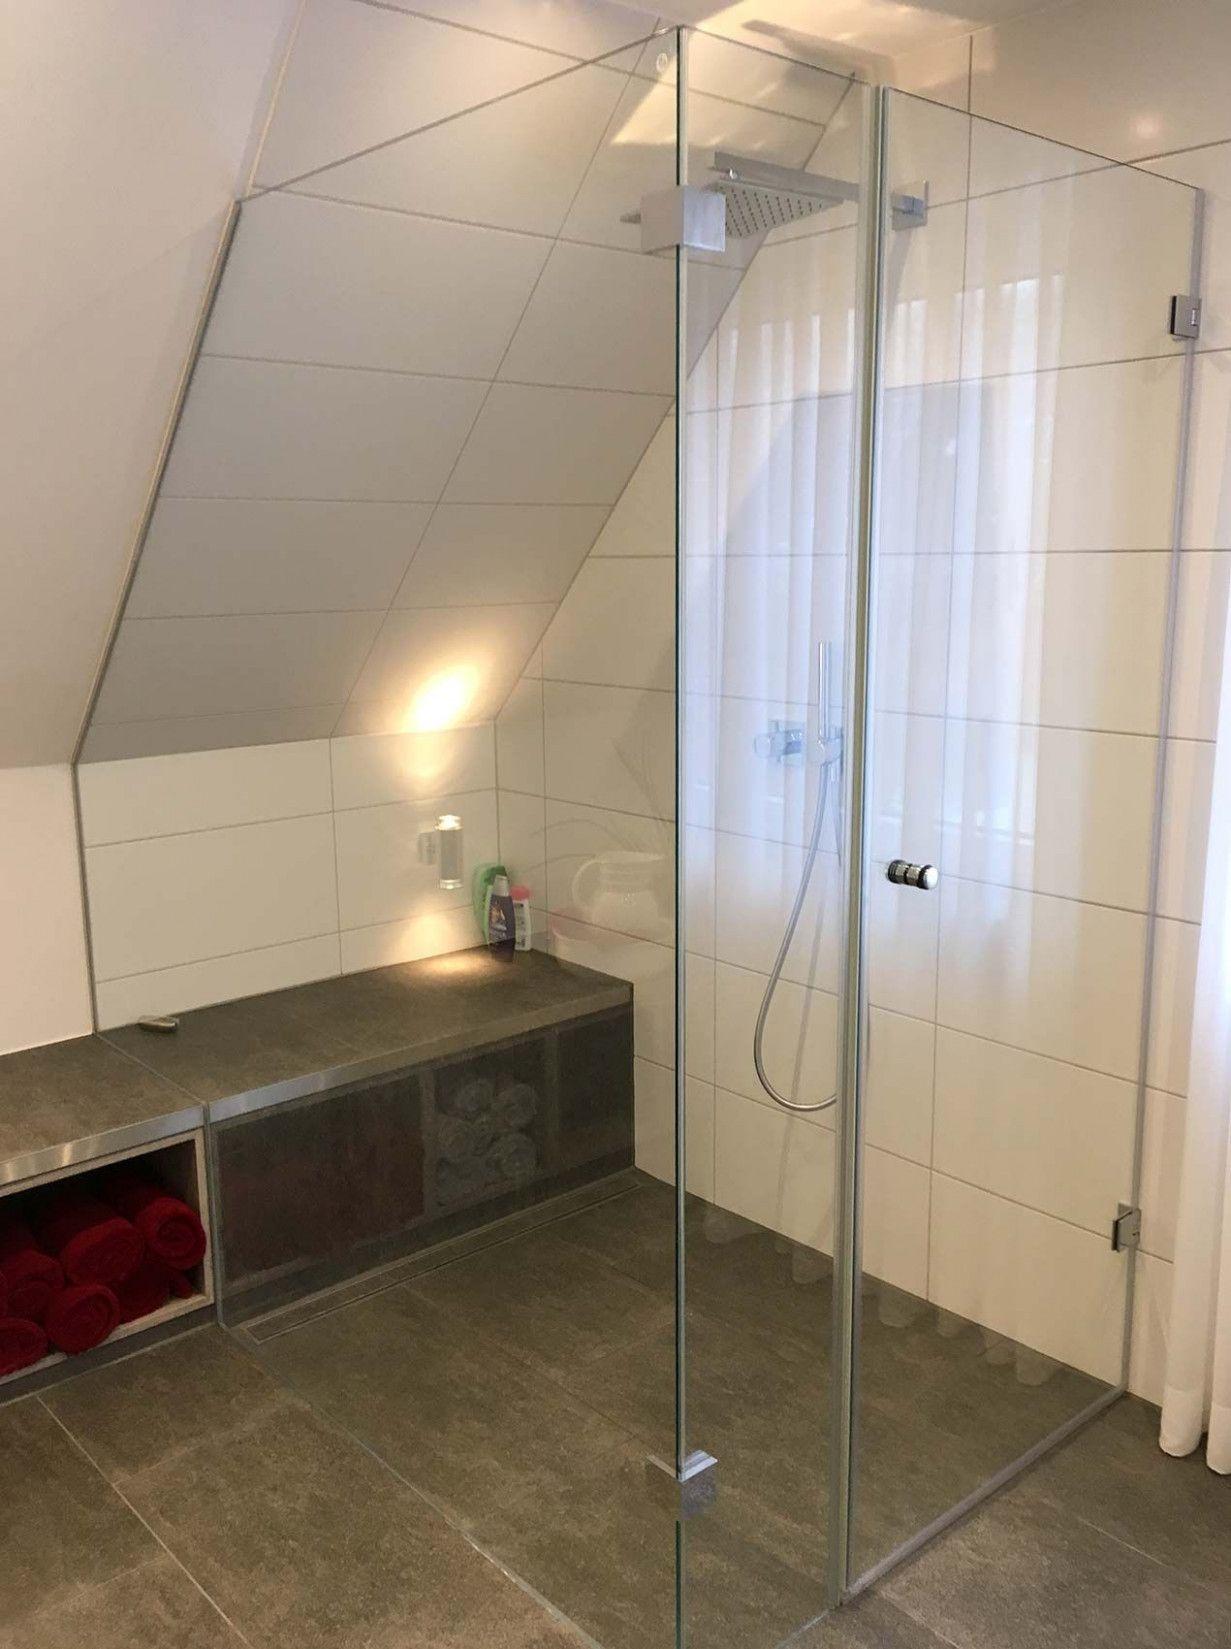 10 Rechts Schrank Unter Schrage In 2020 Ebenerdige Dusche Badezimmer Dachschrage Badezimmer